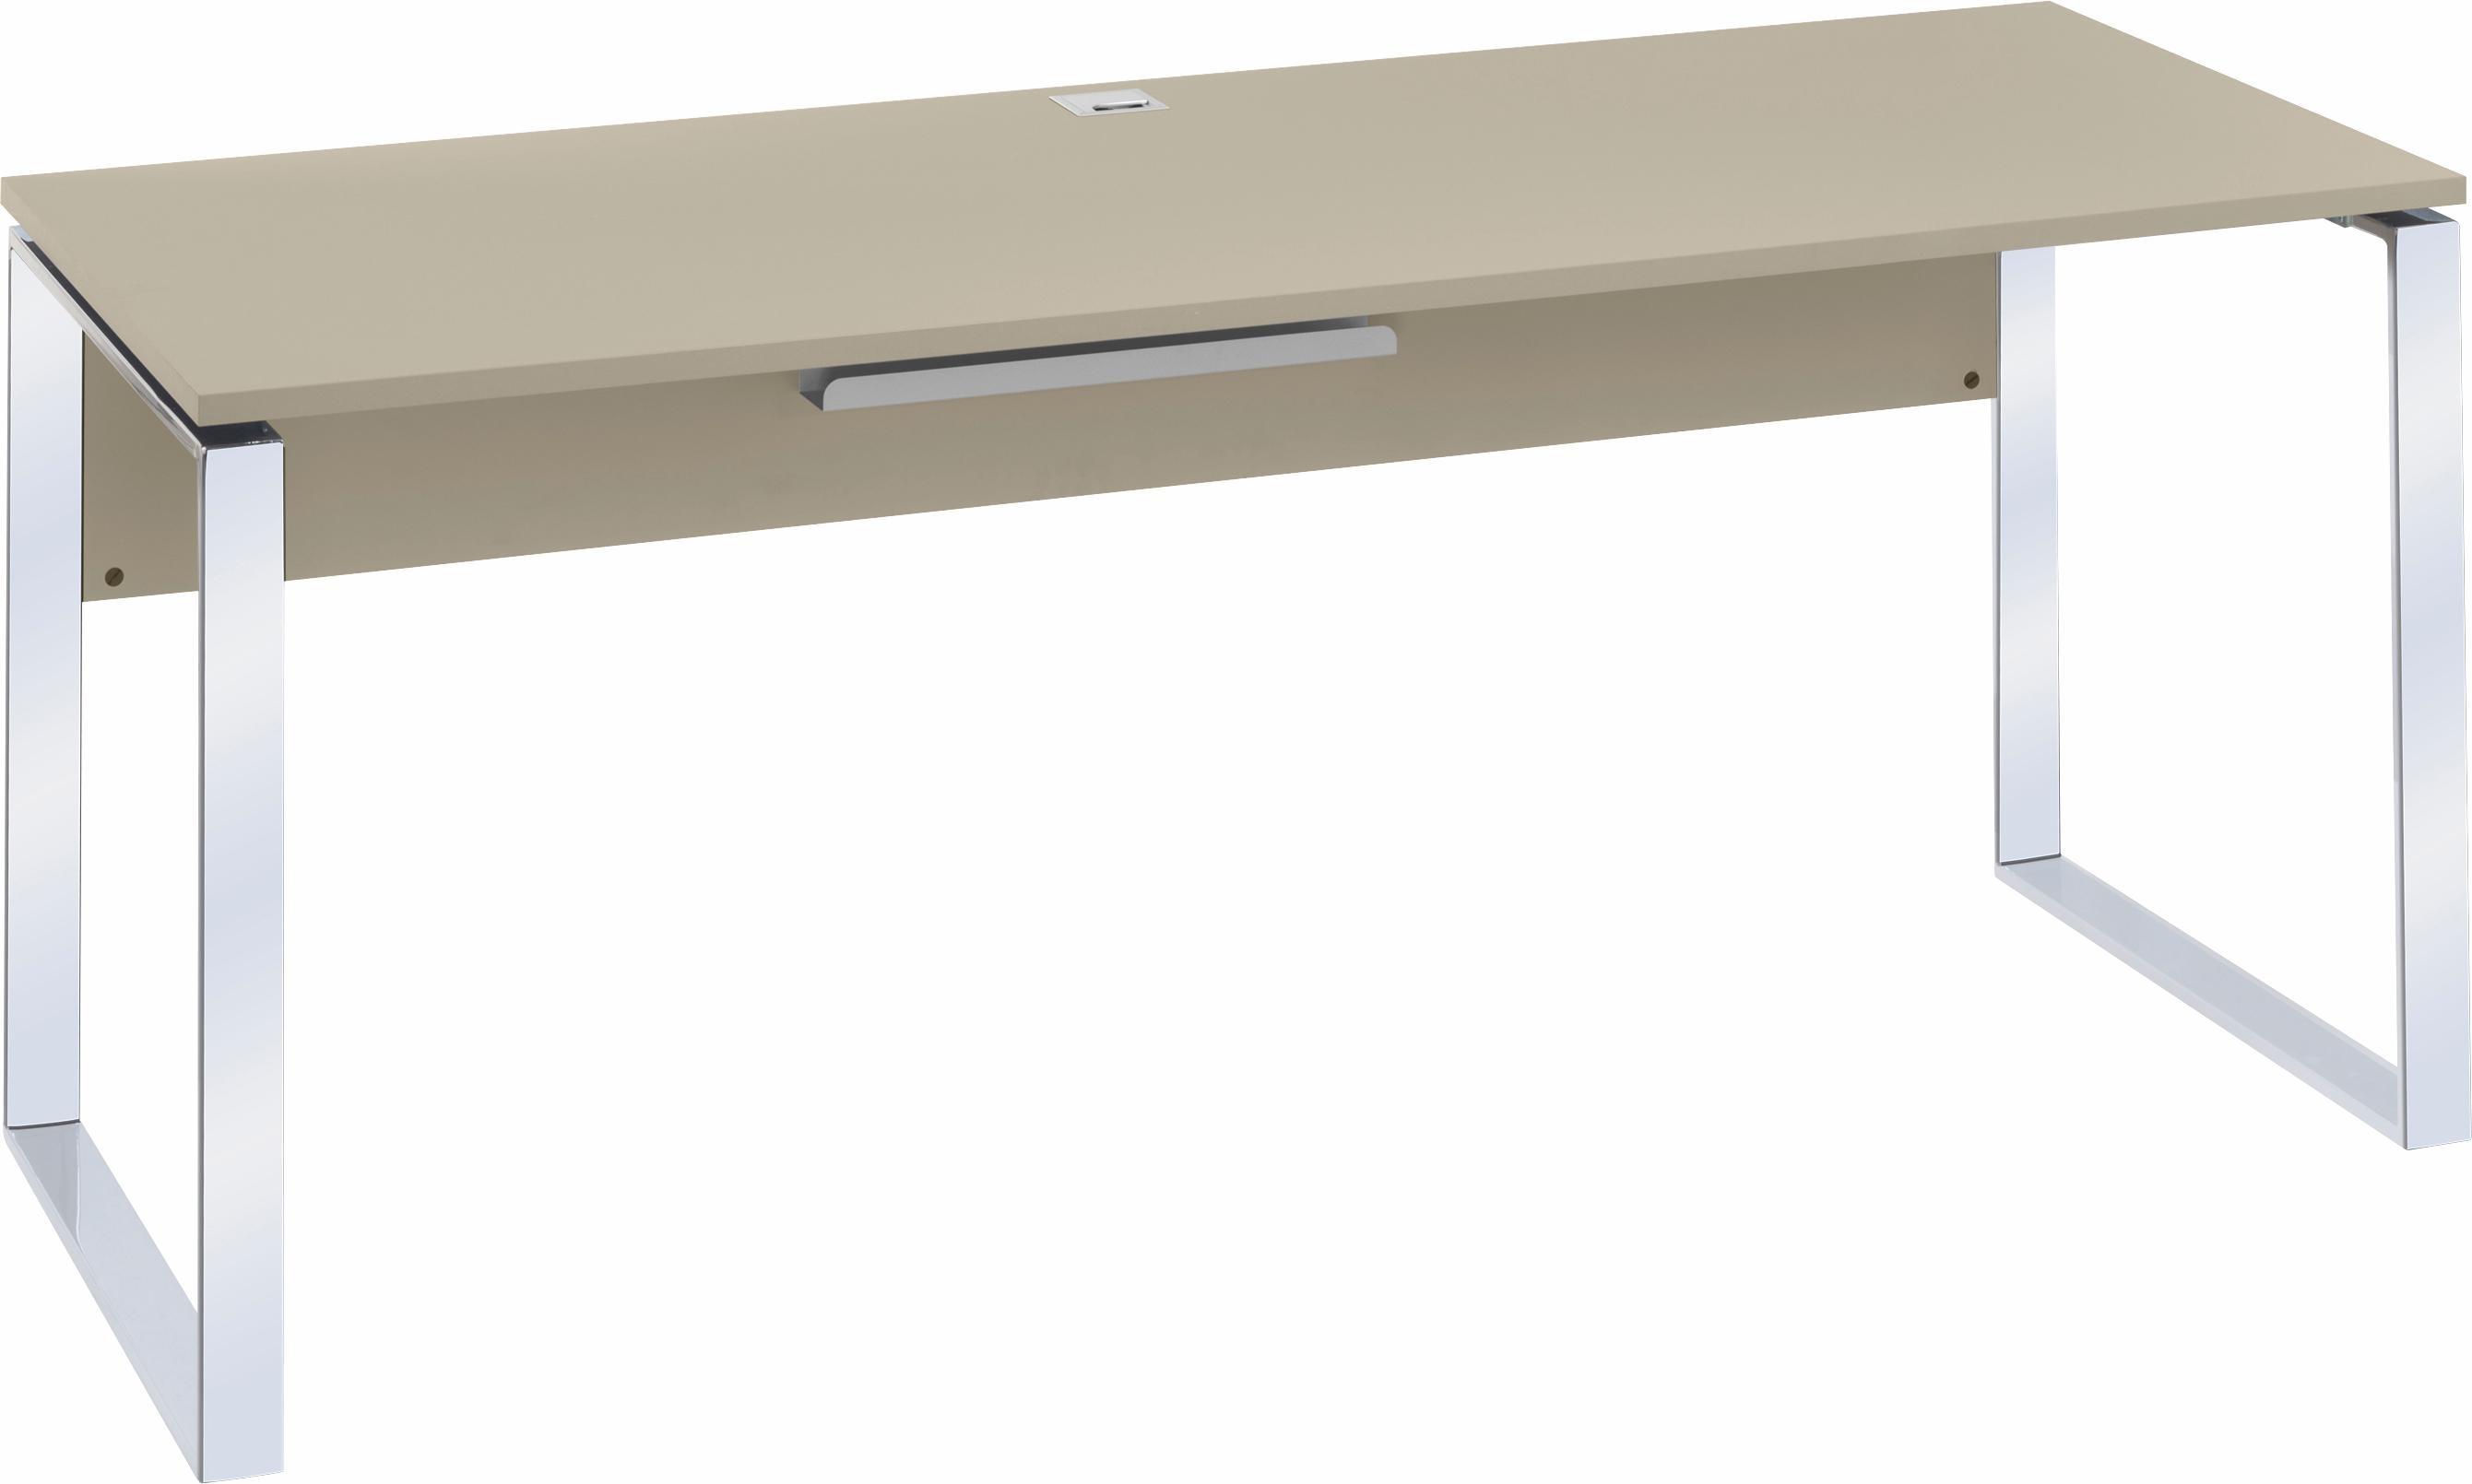 Maja Möbel Schreibtisch »1527 YAS« | Büro > Bürotische > Schreibtische | Glas - Sicherheitsglas - Abs - Melamin | MAJA MÖBEL